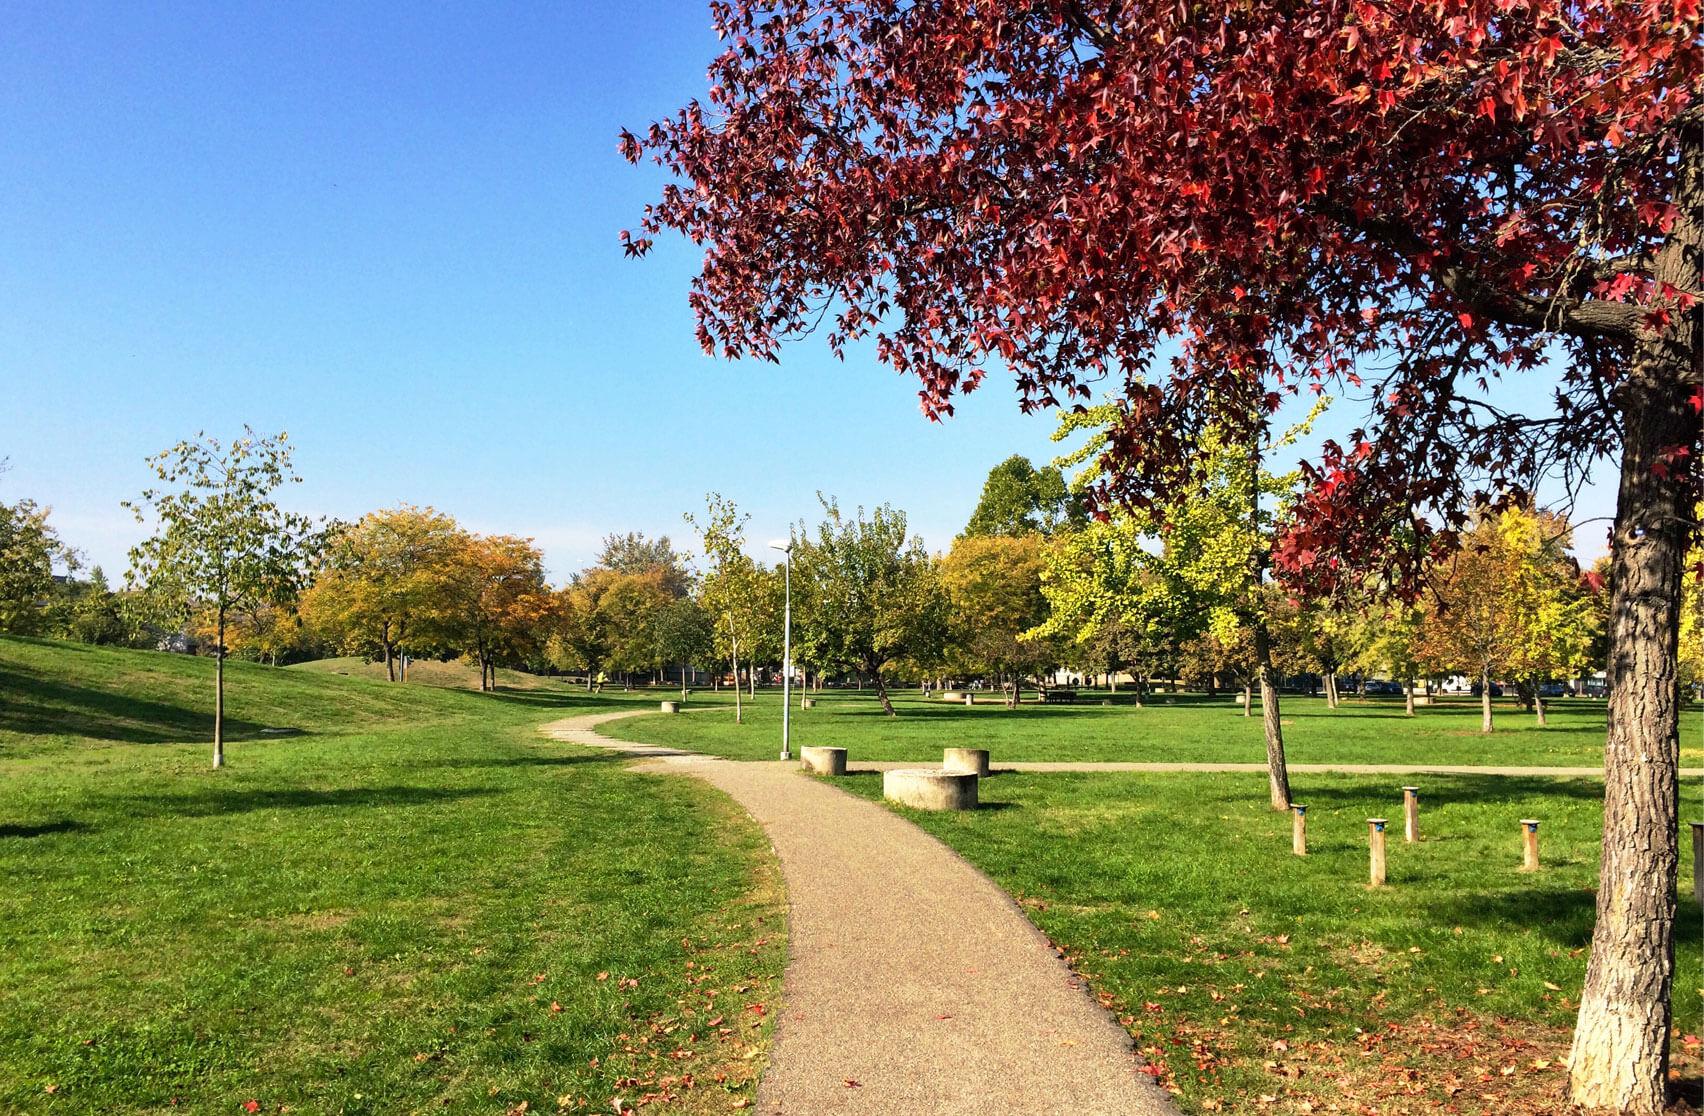 Parco Amendola